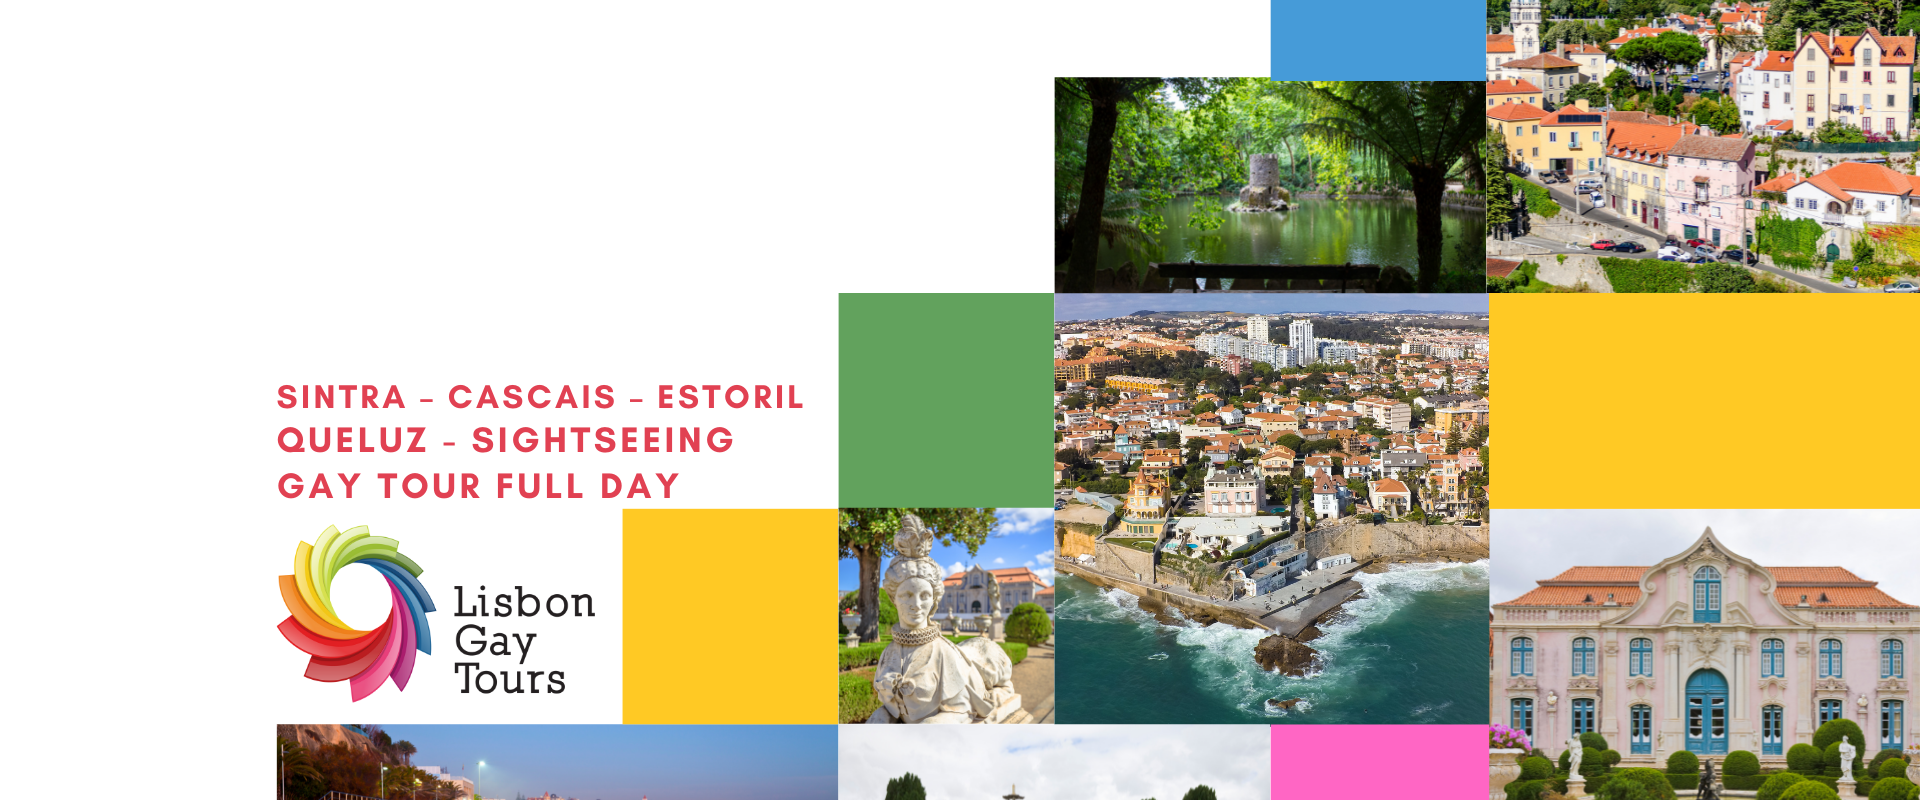 Sintra – Cascais – Estoril – Queluz – Sightseeing Gay Tour Full Day